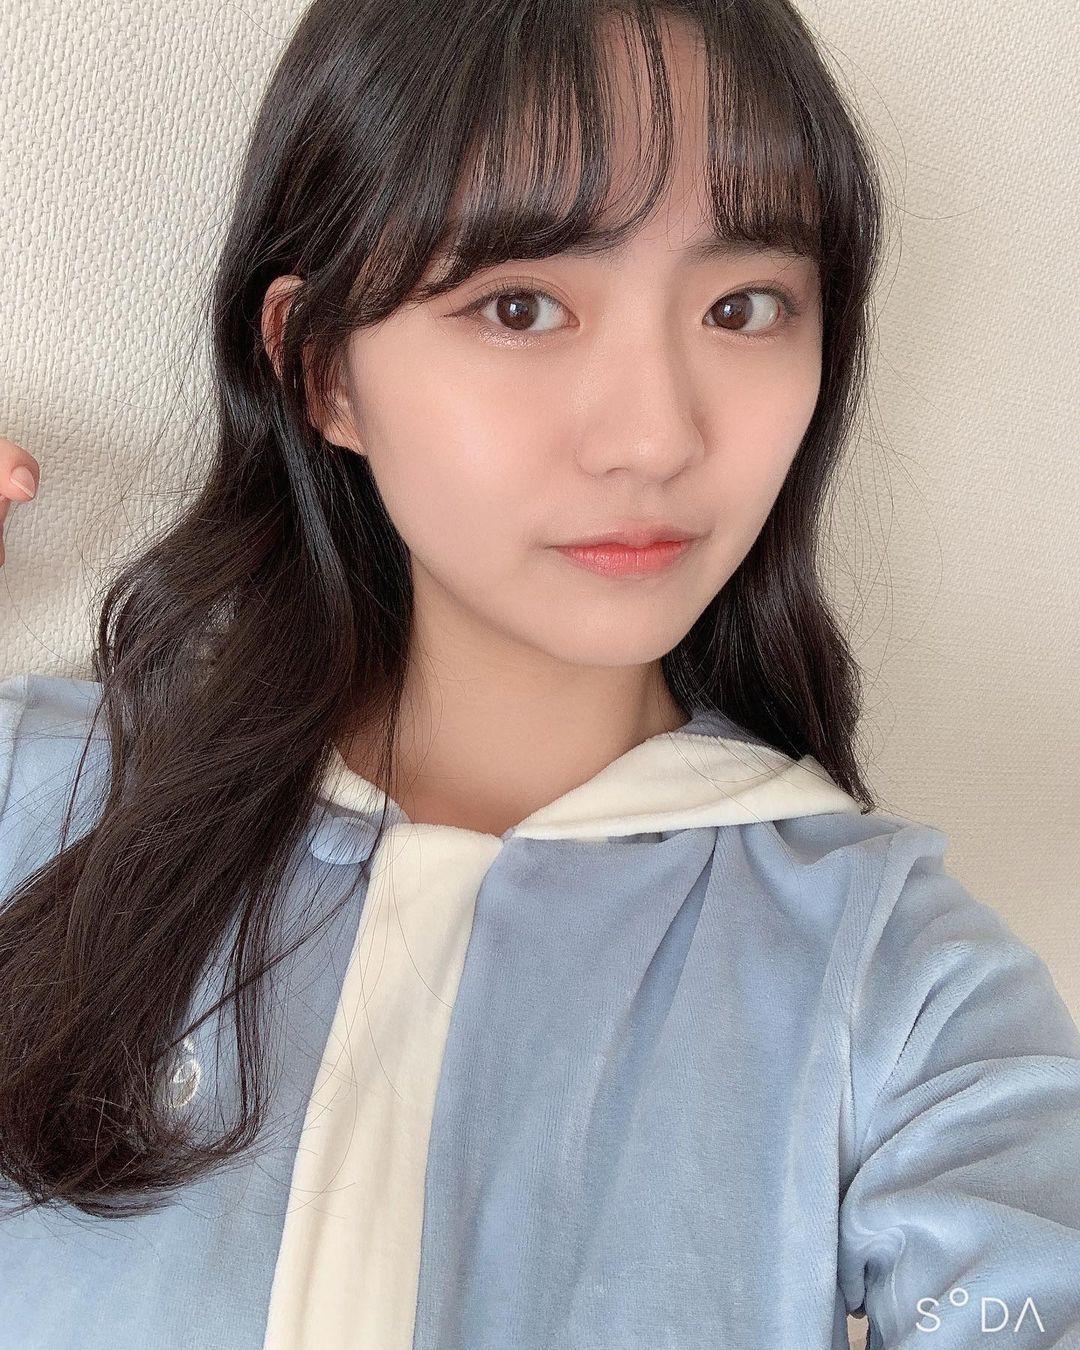 19岁美少女「丰田留妃」写真新作曝光! 大晒「美」造福网友-喵喵女